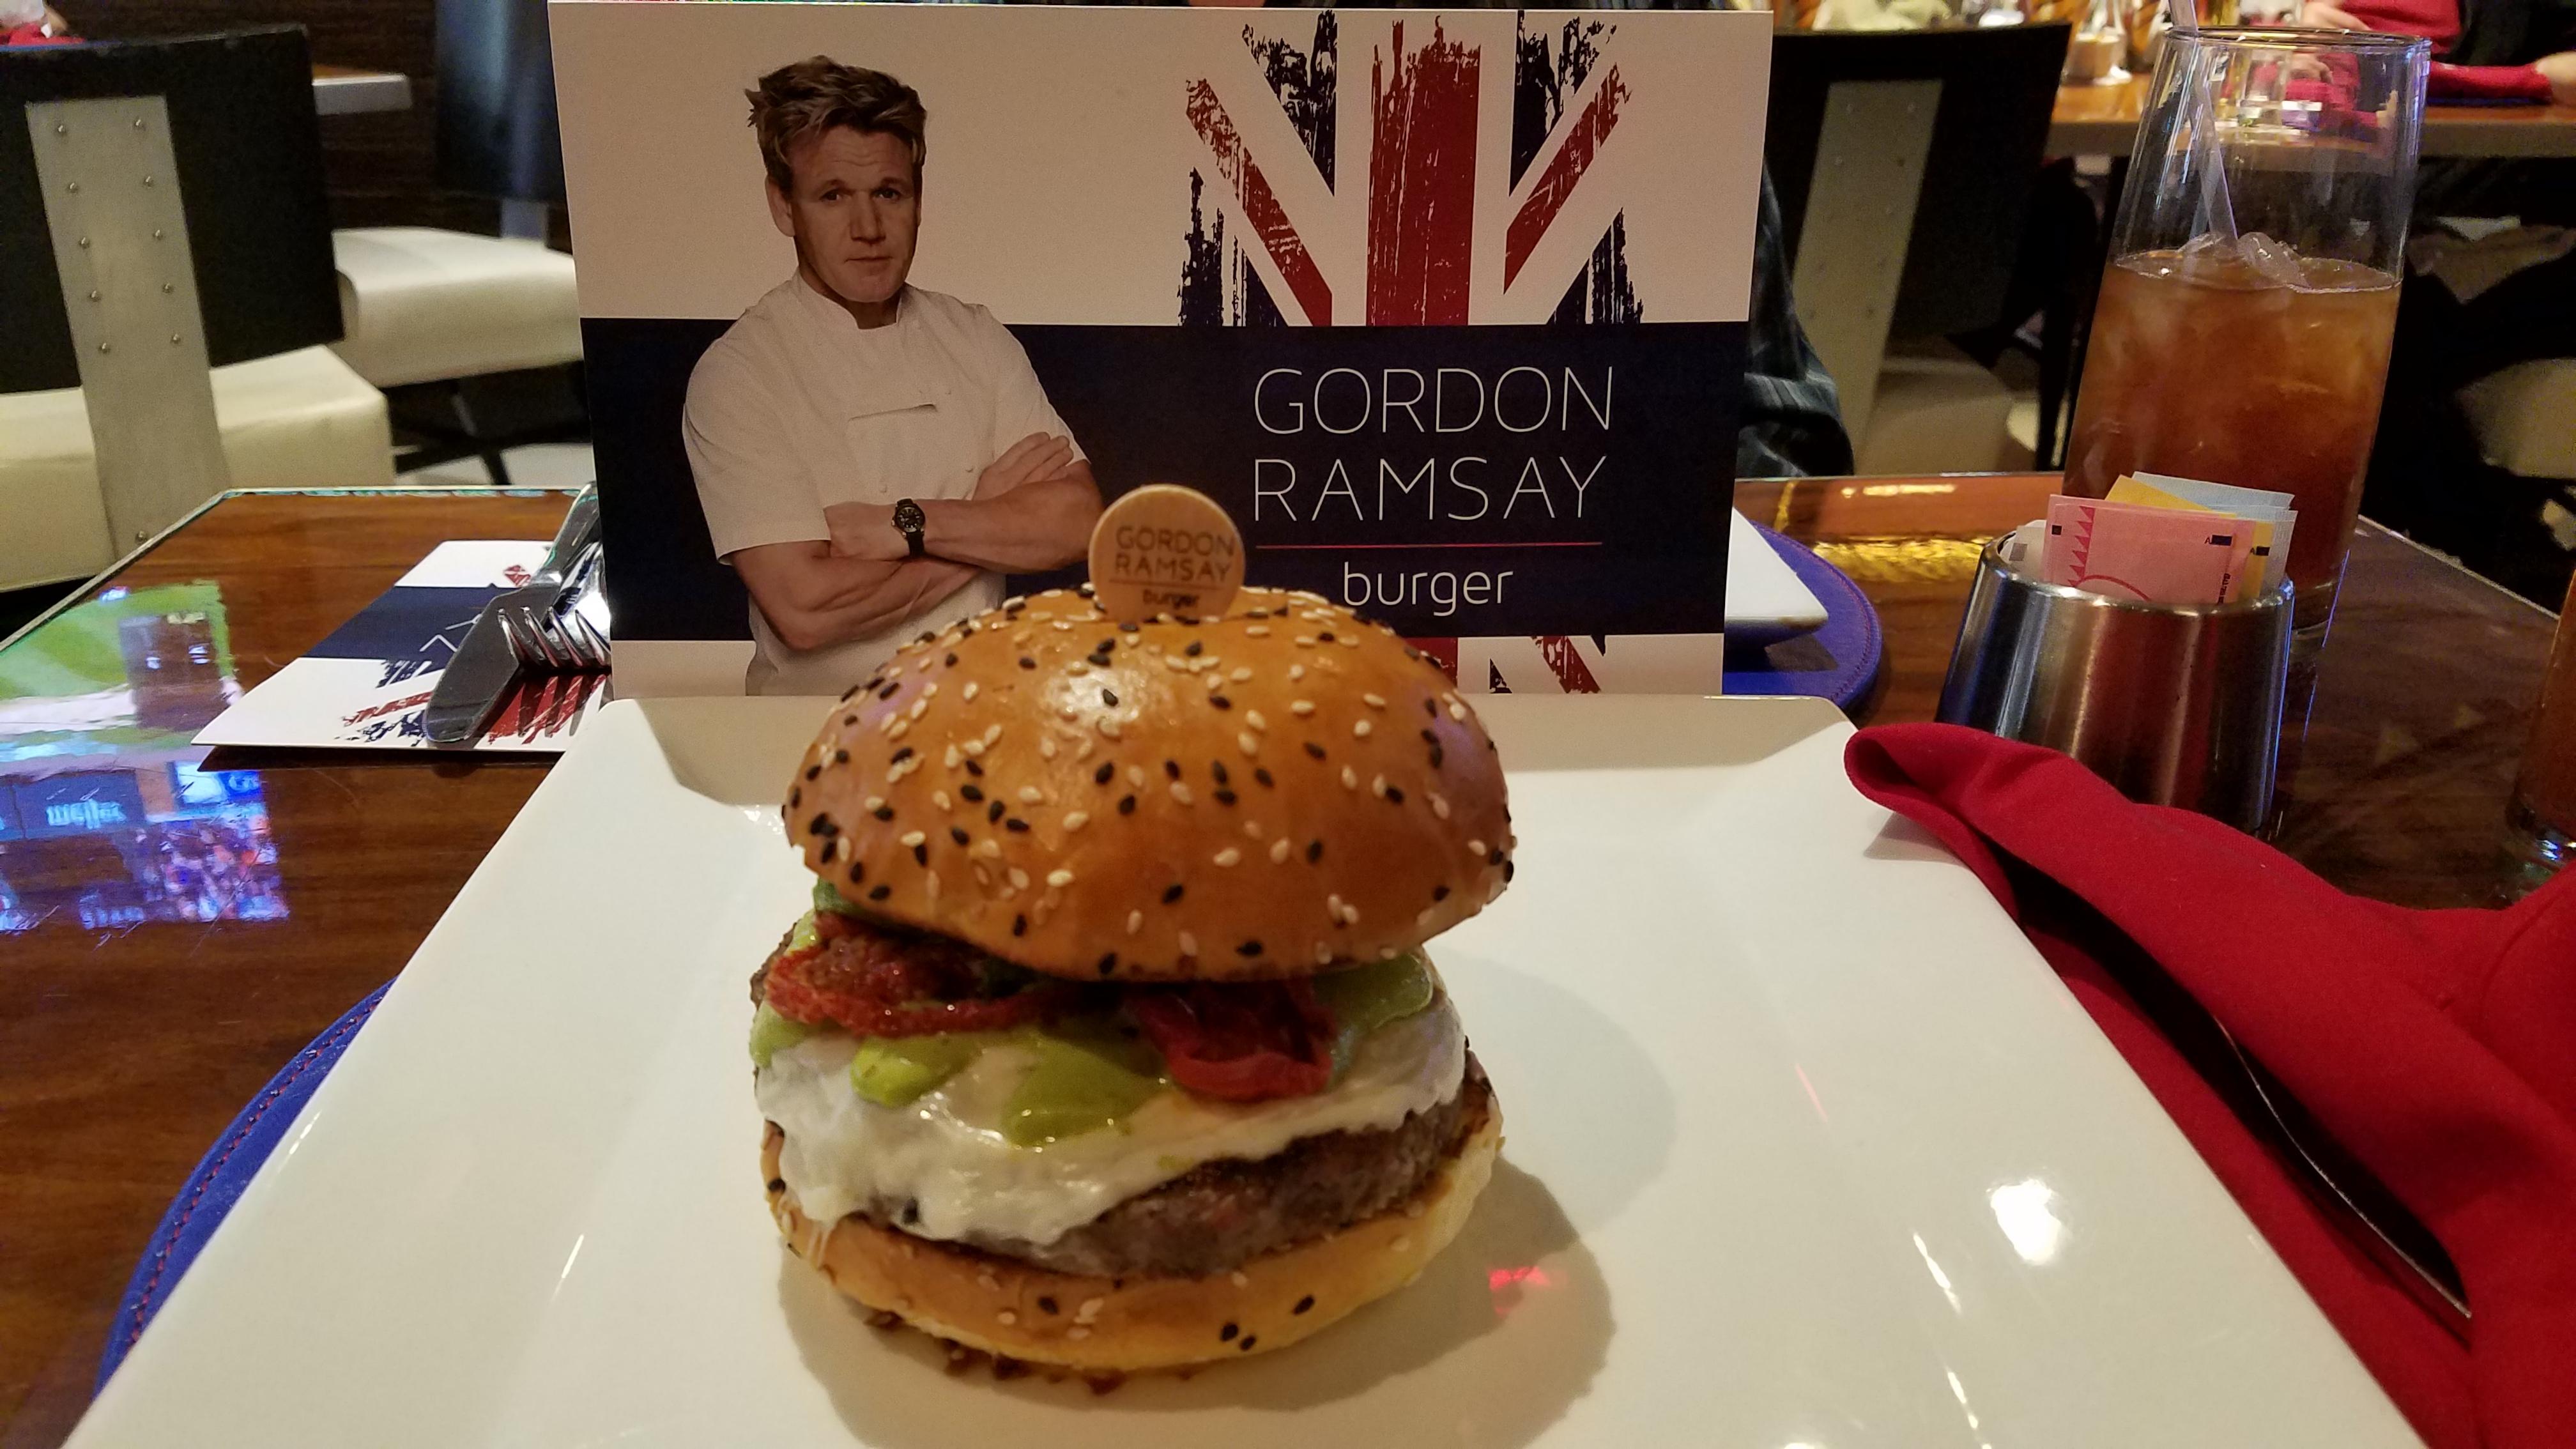 Gordon Ramsey Hot Dog